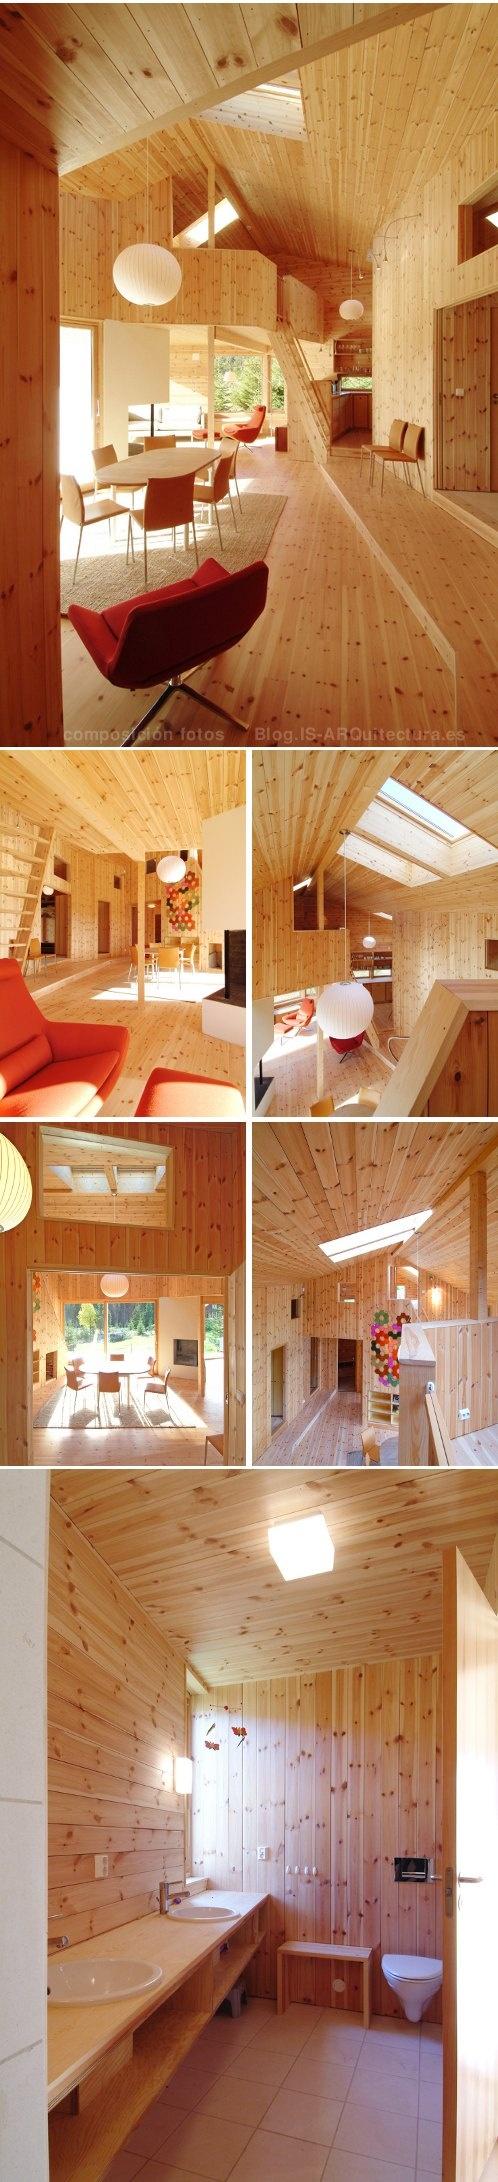 nordmarka-cabana-madera-noruega-15